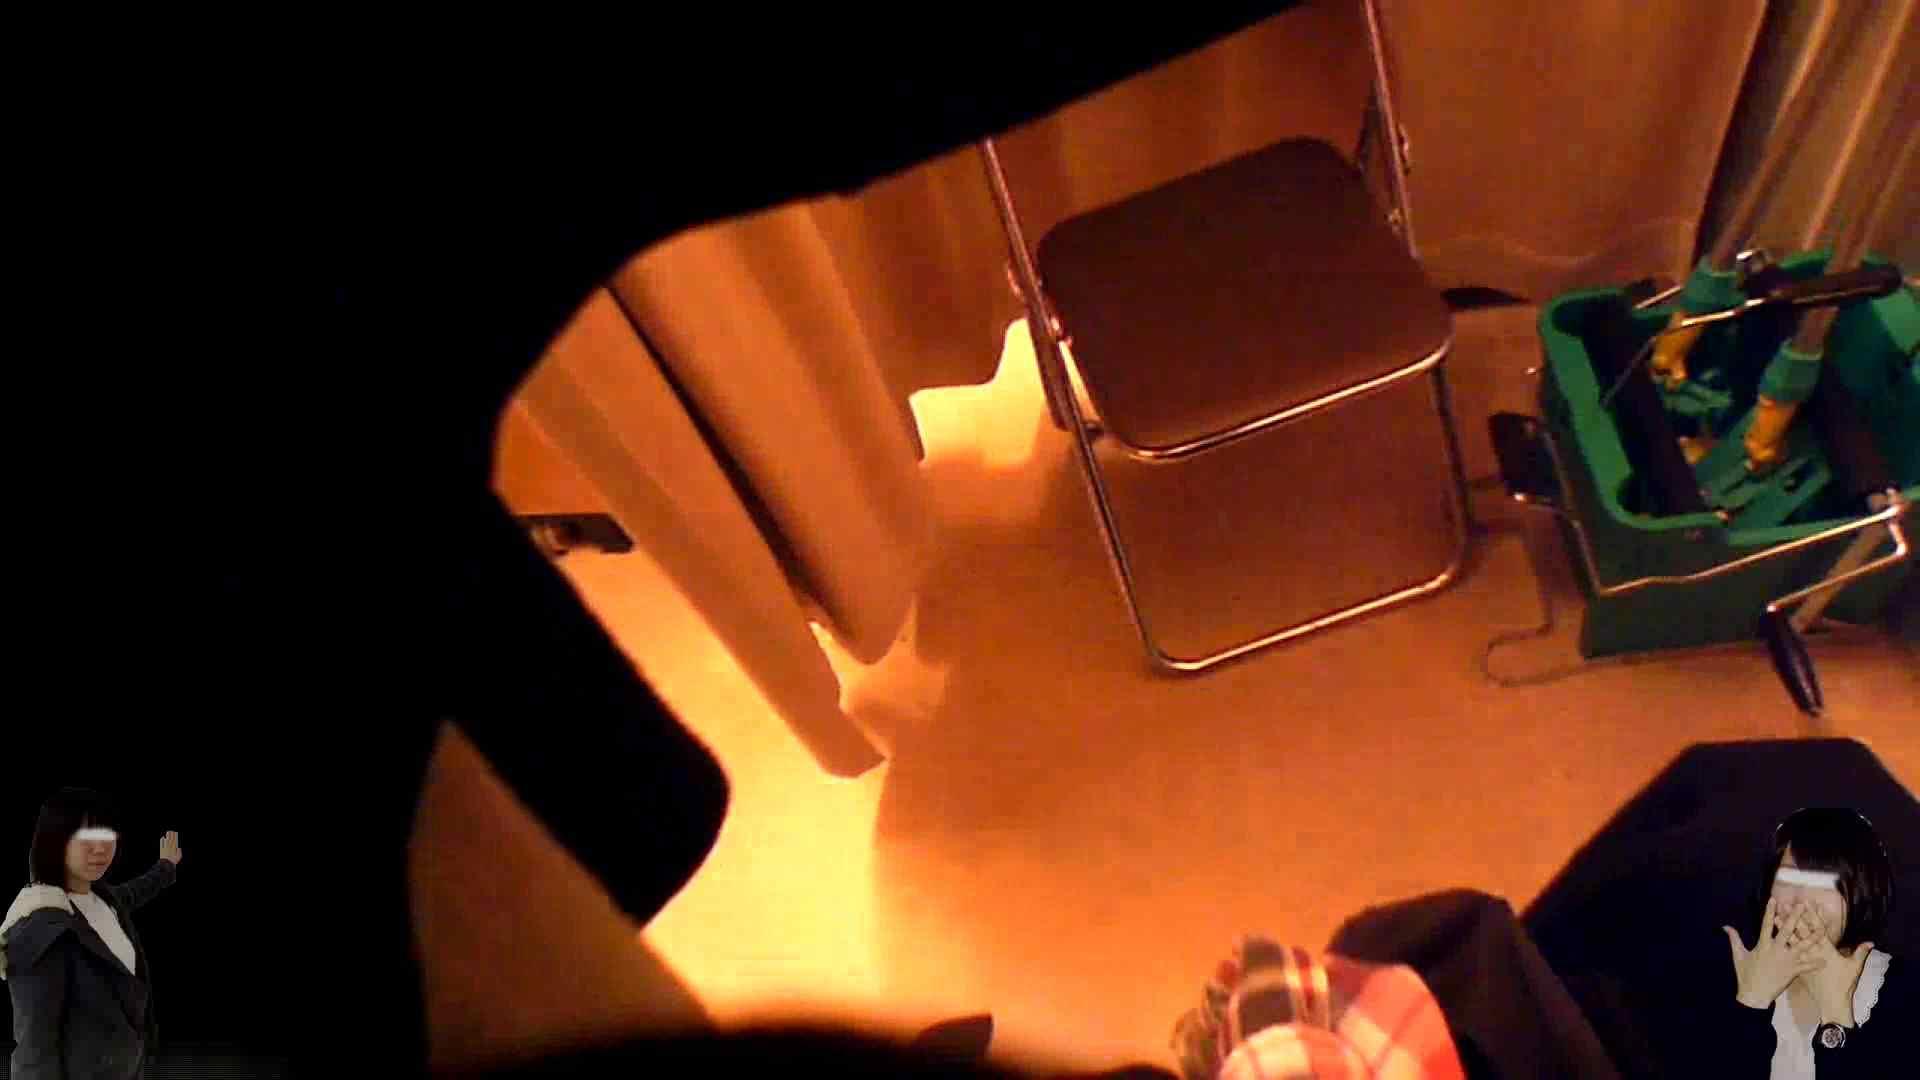 素人投稿 現役「JD」Eちゃんの着替え Vol.04 着替え 盗撮エロ画像 76PICs 2